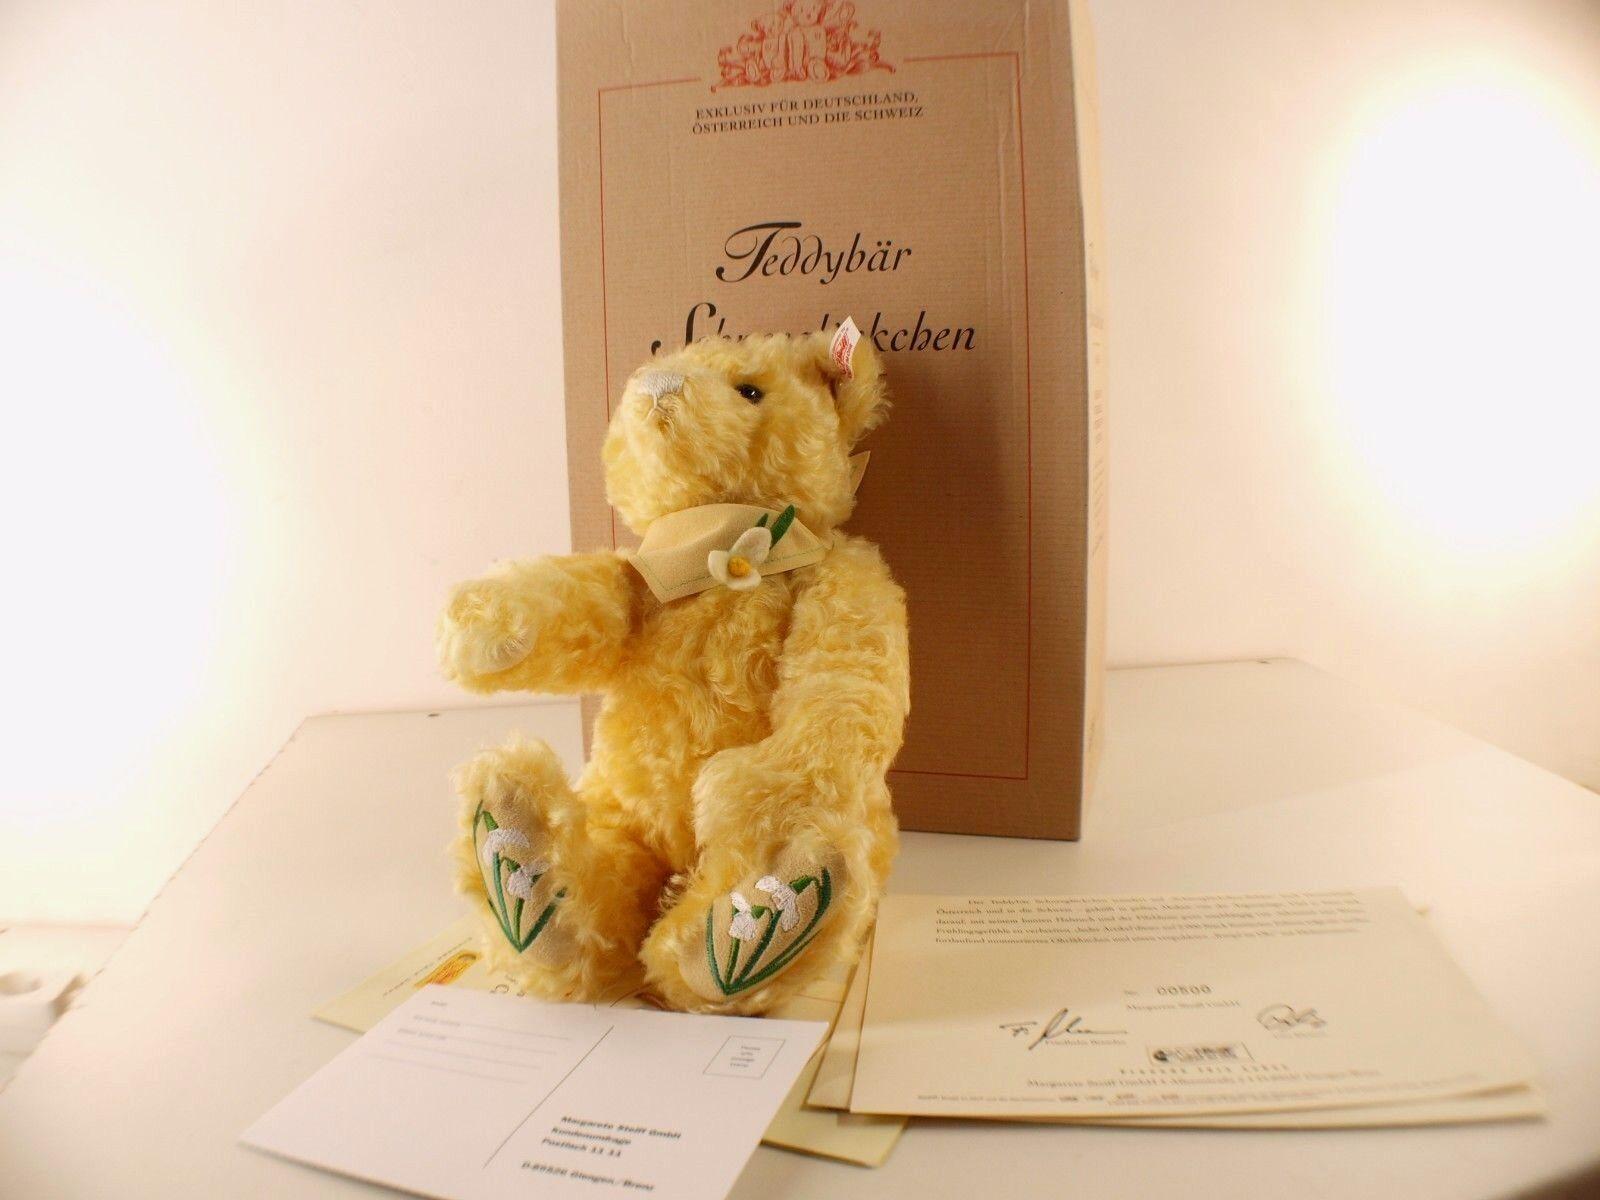 Steiff 661563 TEDDY BEAR SCHNEEGLÖCKCHEN SCHNEEGLÖCKCHEN SCHNEEGLÖCKCHEN 2004 amarillo ours neuf edn 2000 pieces  Las ventas en línea ahorran un 70%.